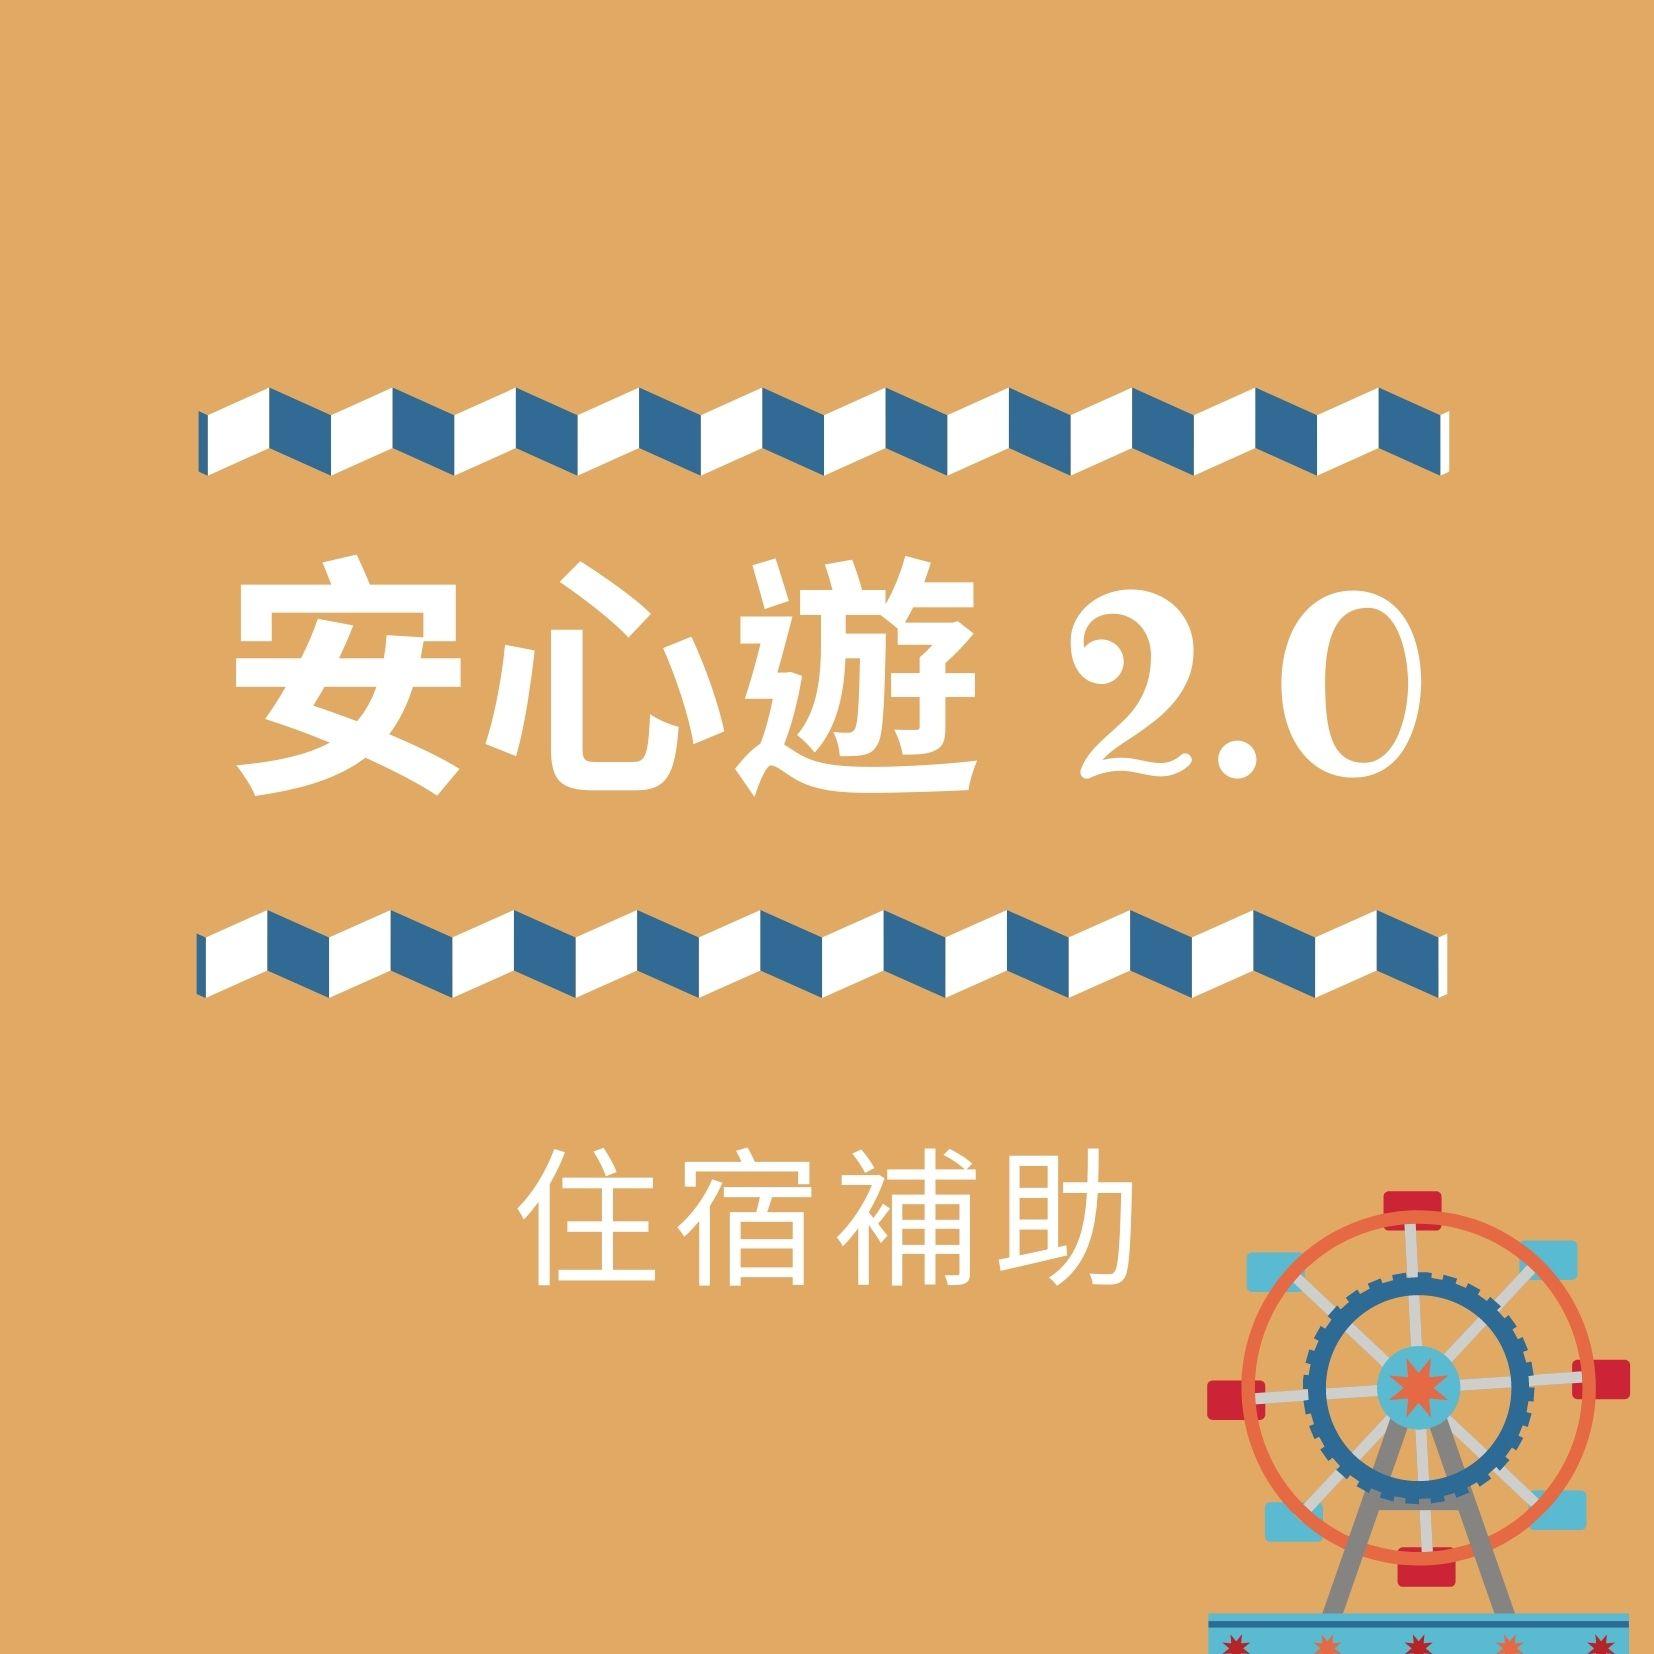 安心遊2.0-安心旅遊補助-住宿補助-懶人包攻略-好好玩台灣